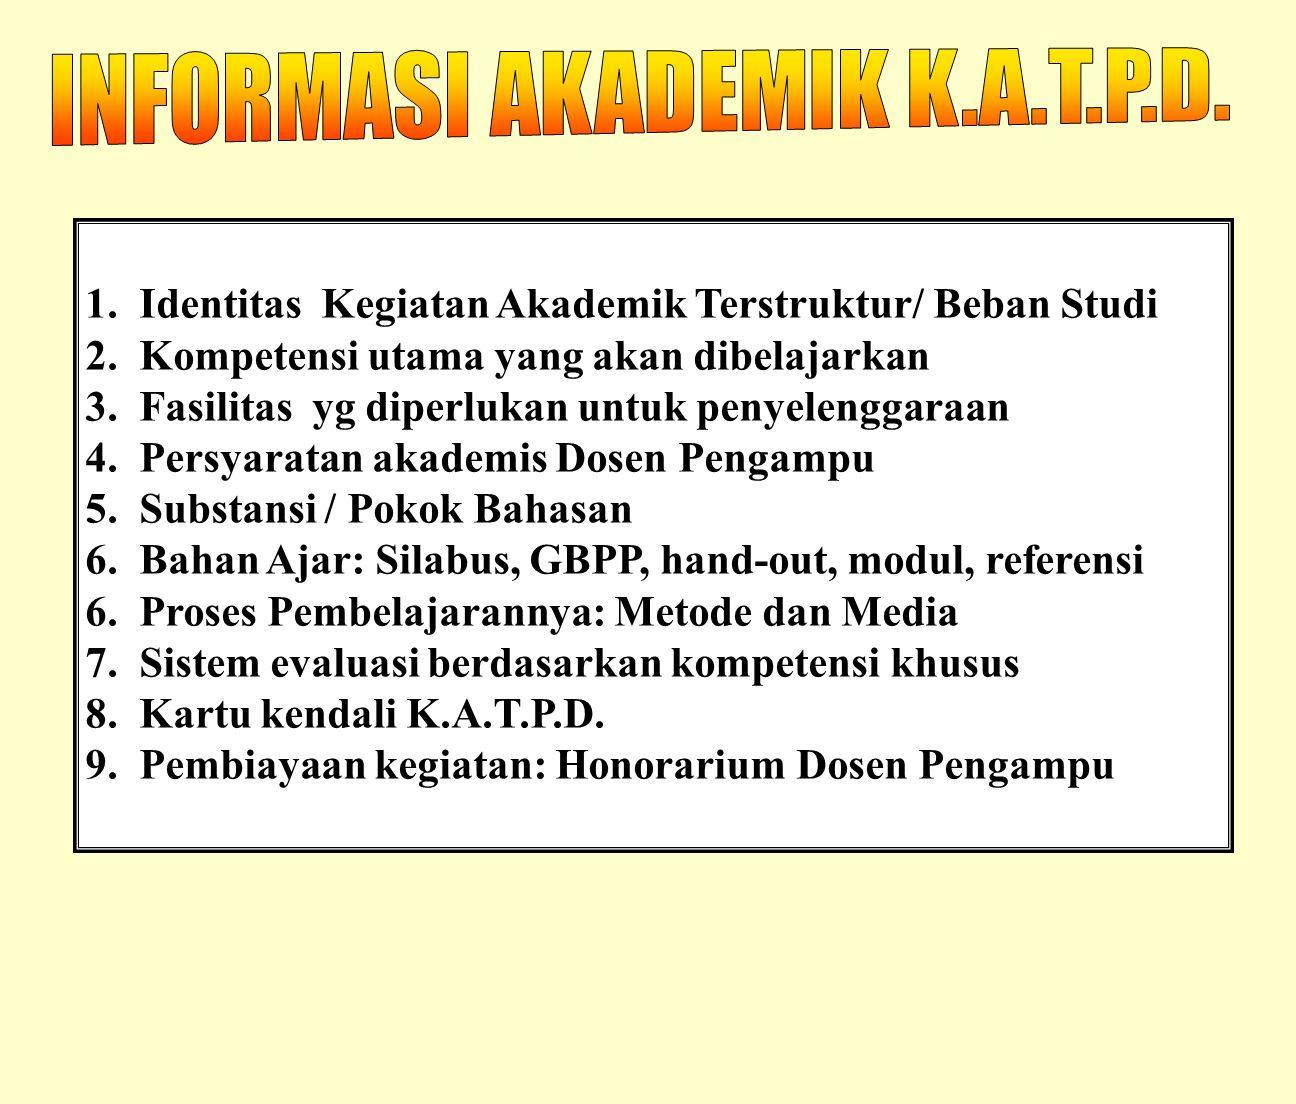 INFORMASI AKADEMIK K.A.T.P.D.